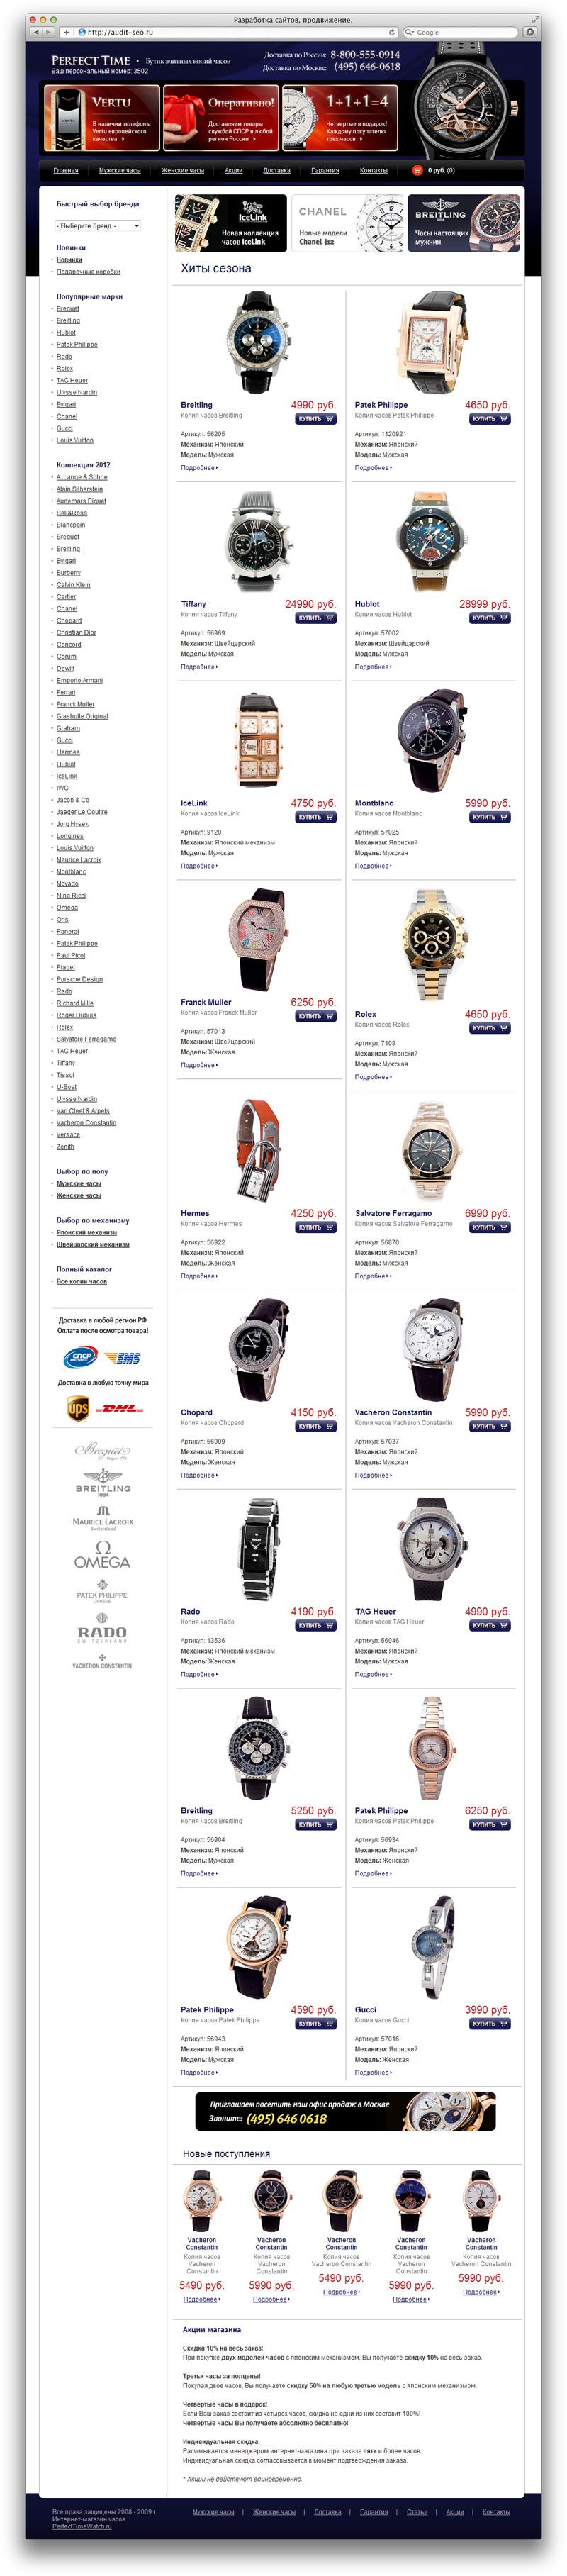 Интернет-магазин копий швейцарских часов